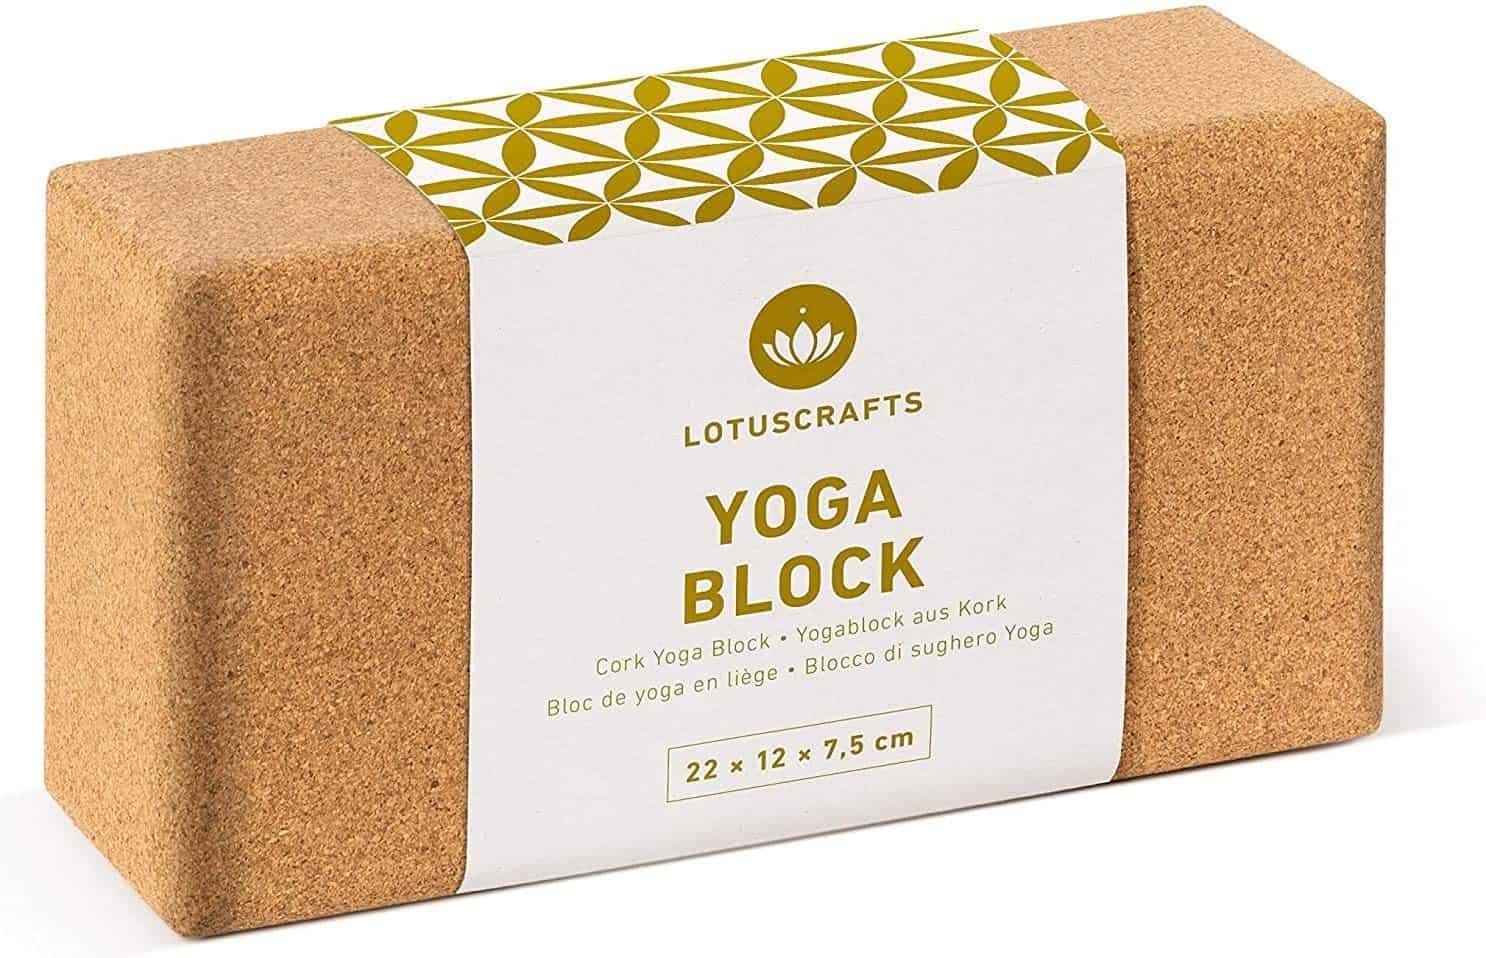 Unser Yogablock aus Kork ist ein praktisches Yoga-Hilfsmittel und unterstützt dich vorallem beim Erlernen von neuen Asanas und wenn du noch etwas verkürzt bist. Somit kannst du trotz Verkürzungen die Yoga-Übungen richtig ausführen und lernst von Beginn an die richtige Technik.